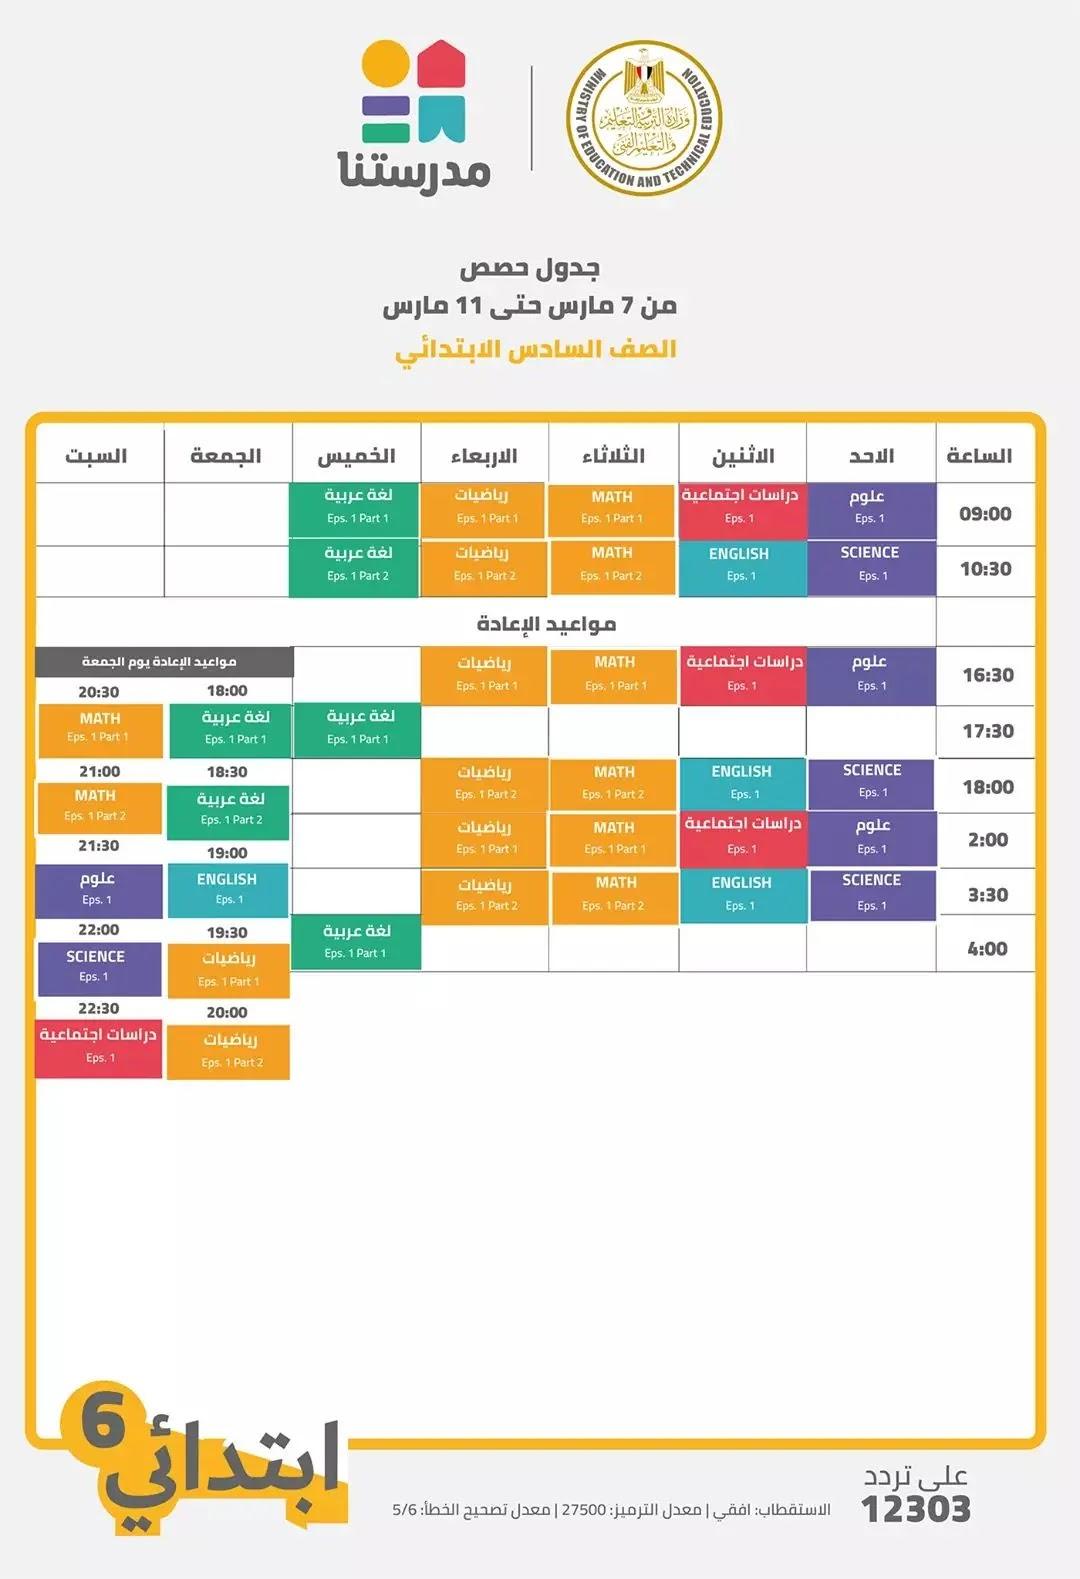 جدول قناة مدرستنا الصف السادس الابتدائي الفترة 7 الي 11 مارس